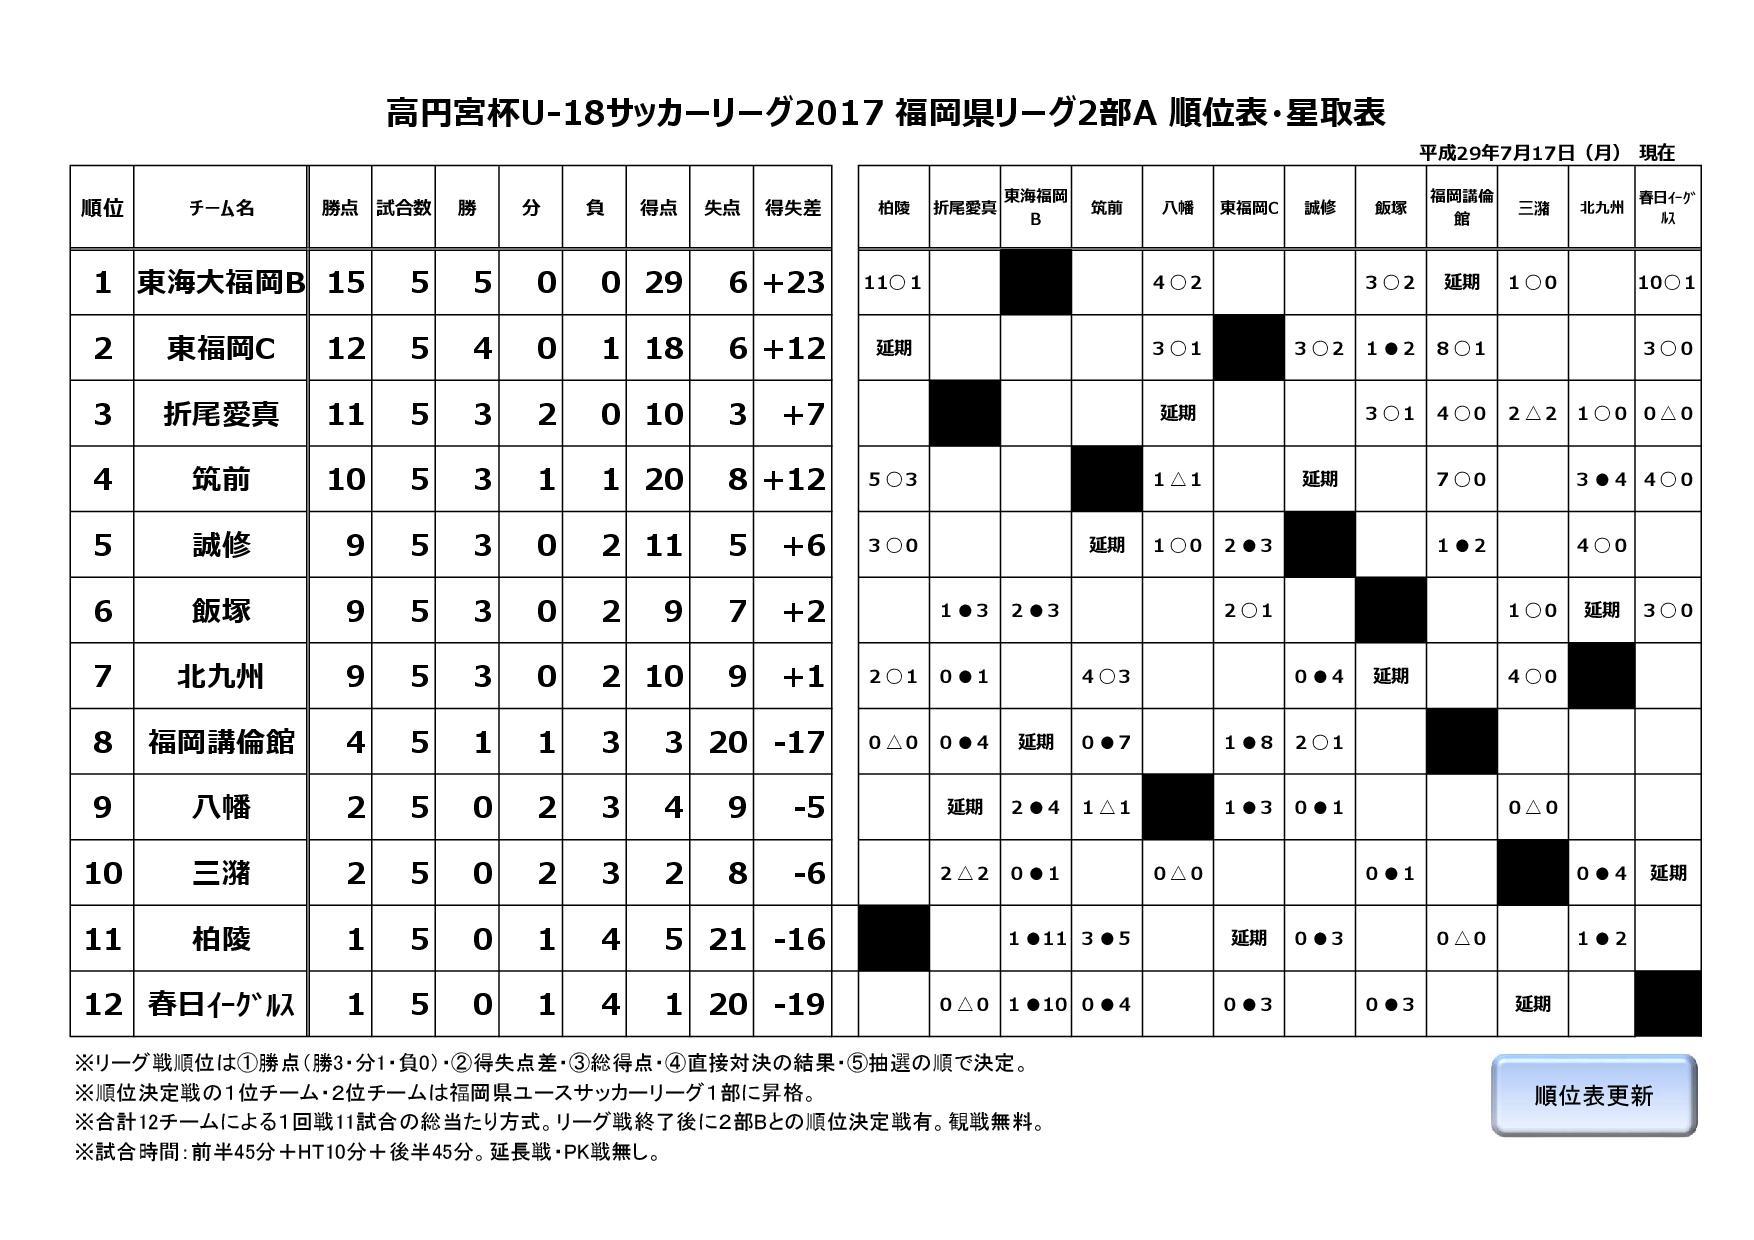 2017年度福岡県ユースサッカーリーグ2部A